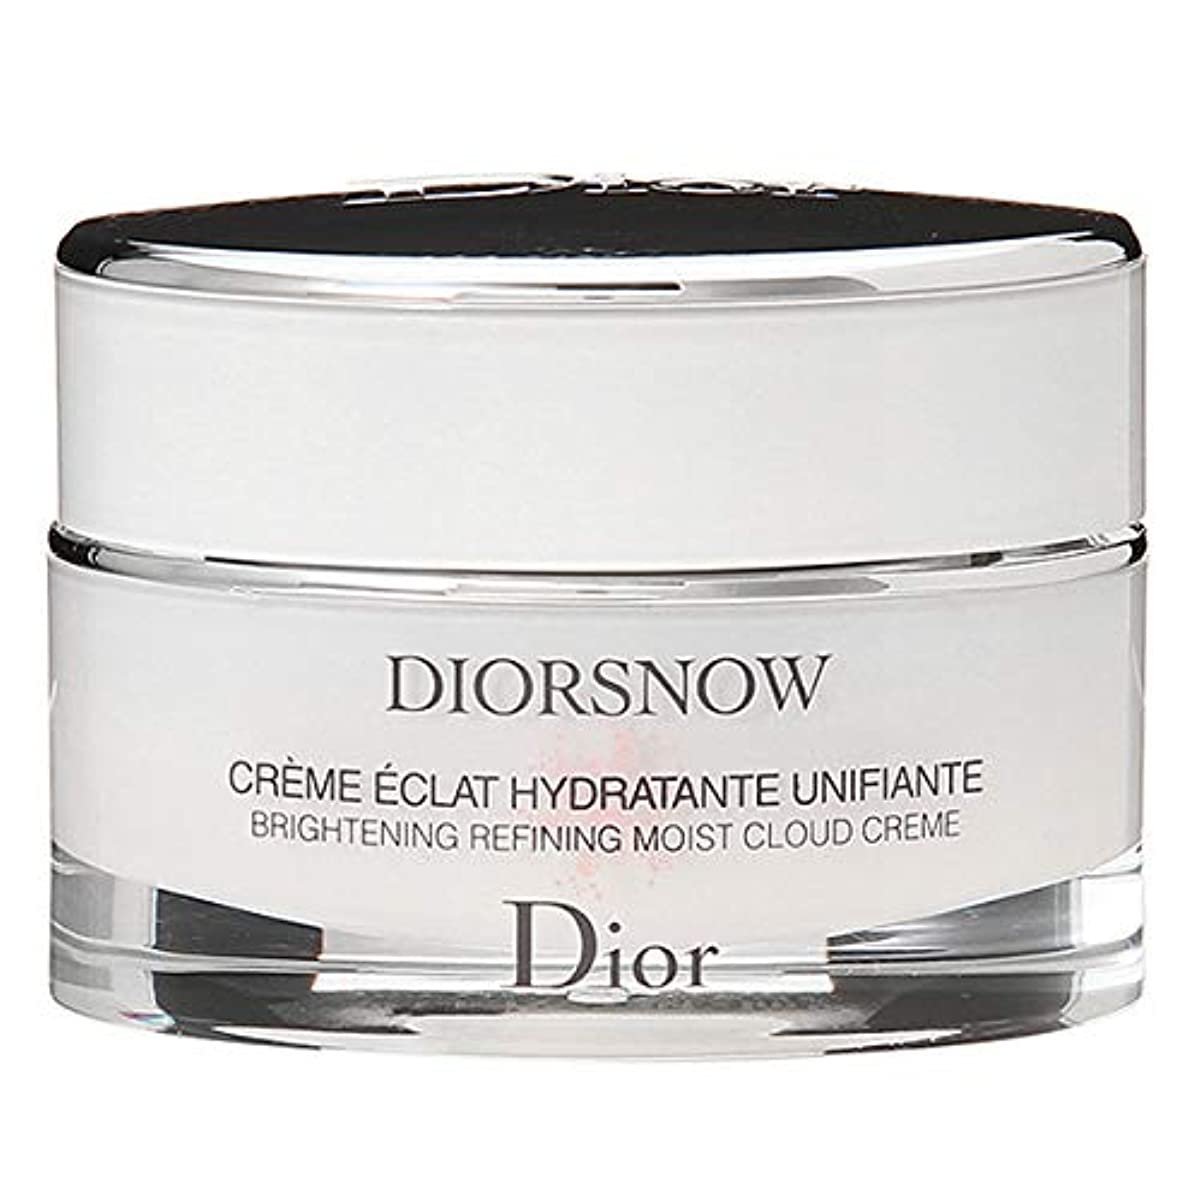 トンネル証明書実業家クリスチャンディオール Christian Dior ディオール スノー ブライトニング モイスト クリーム 50mL [並行輸入品]